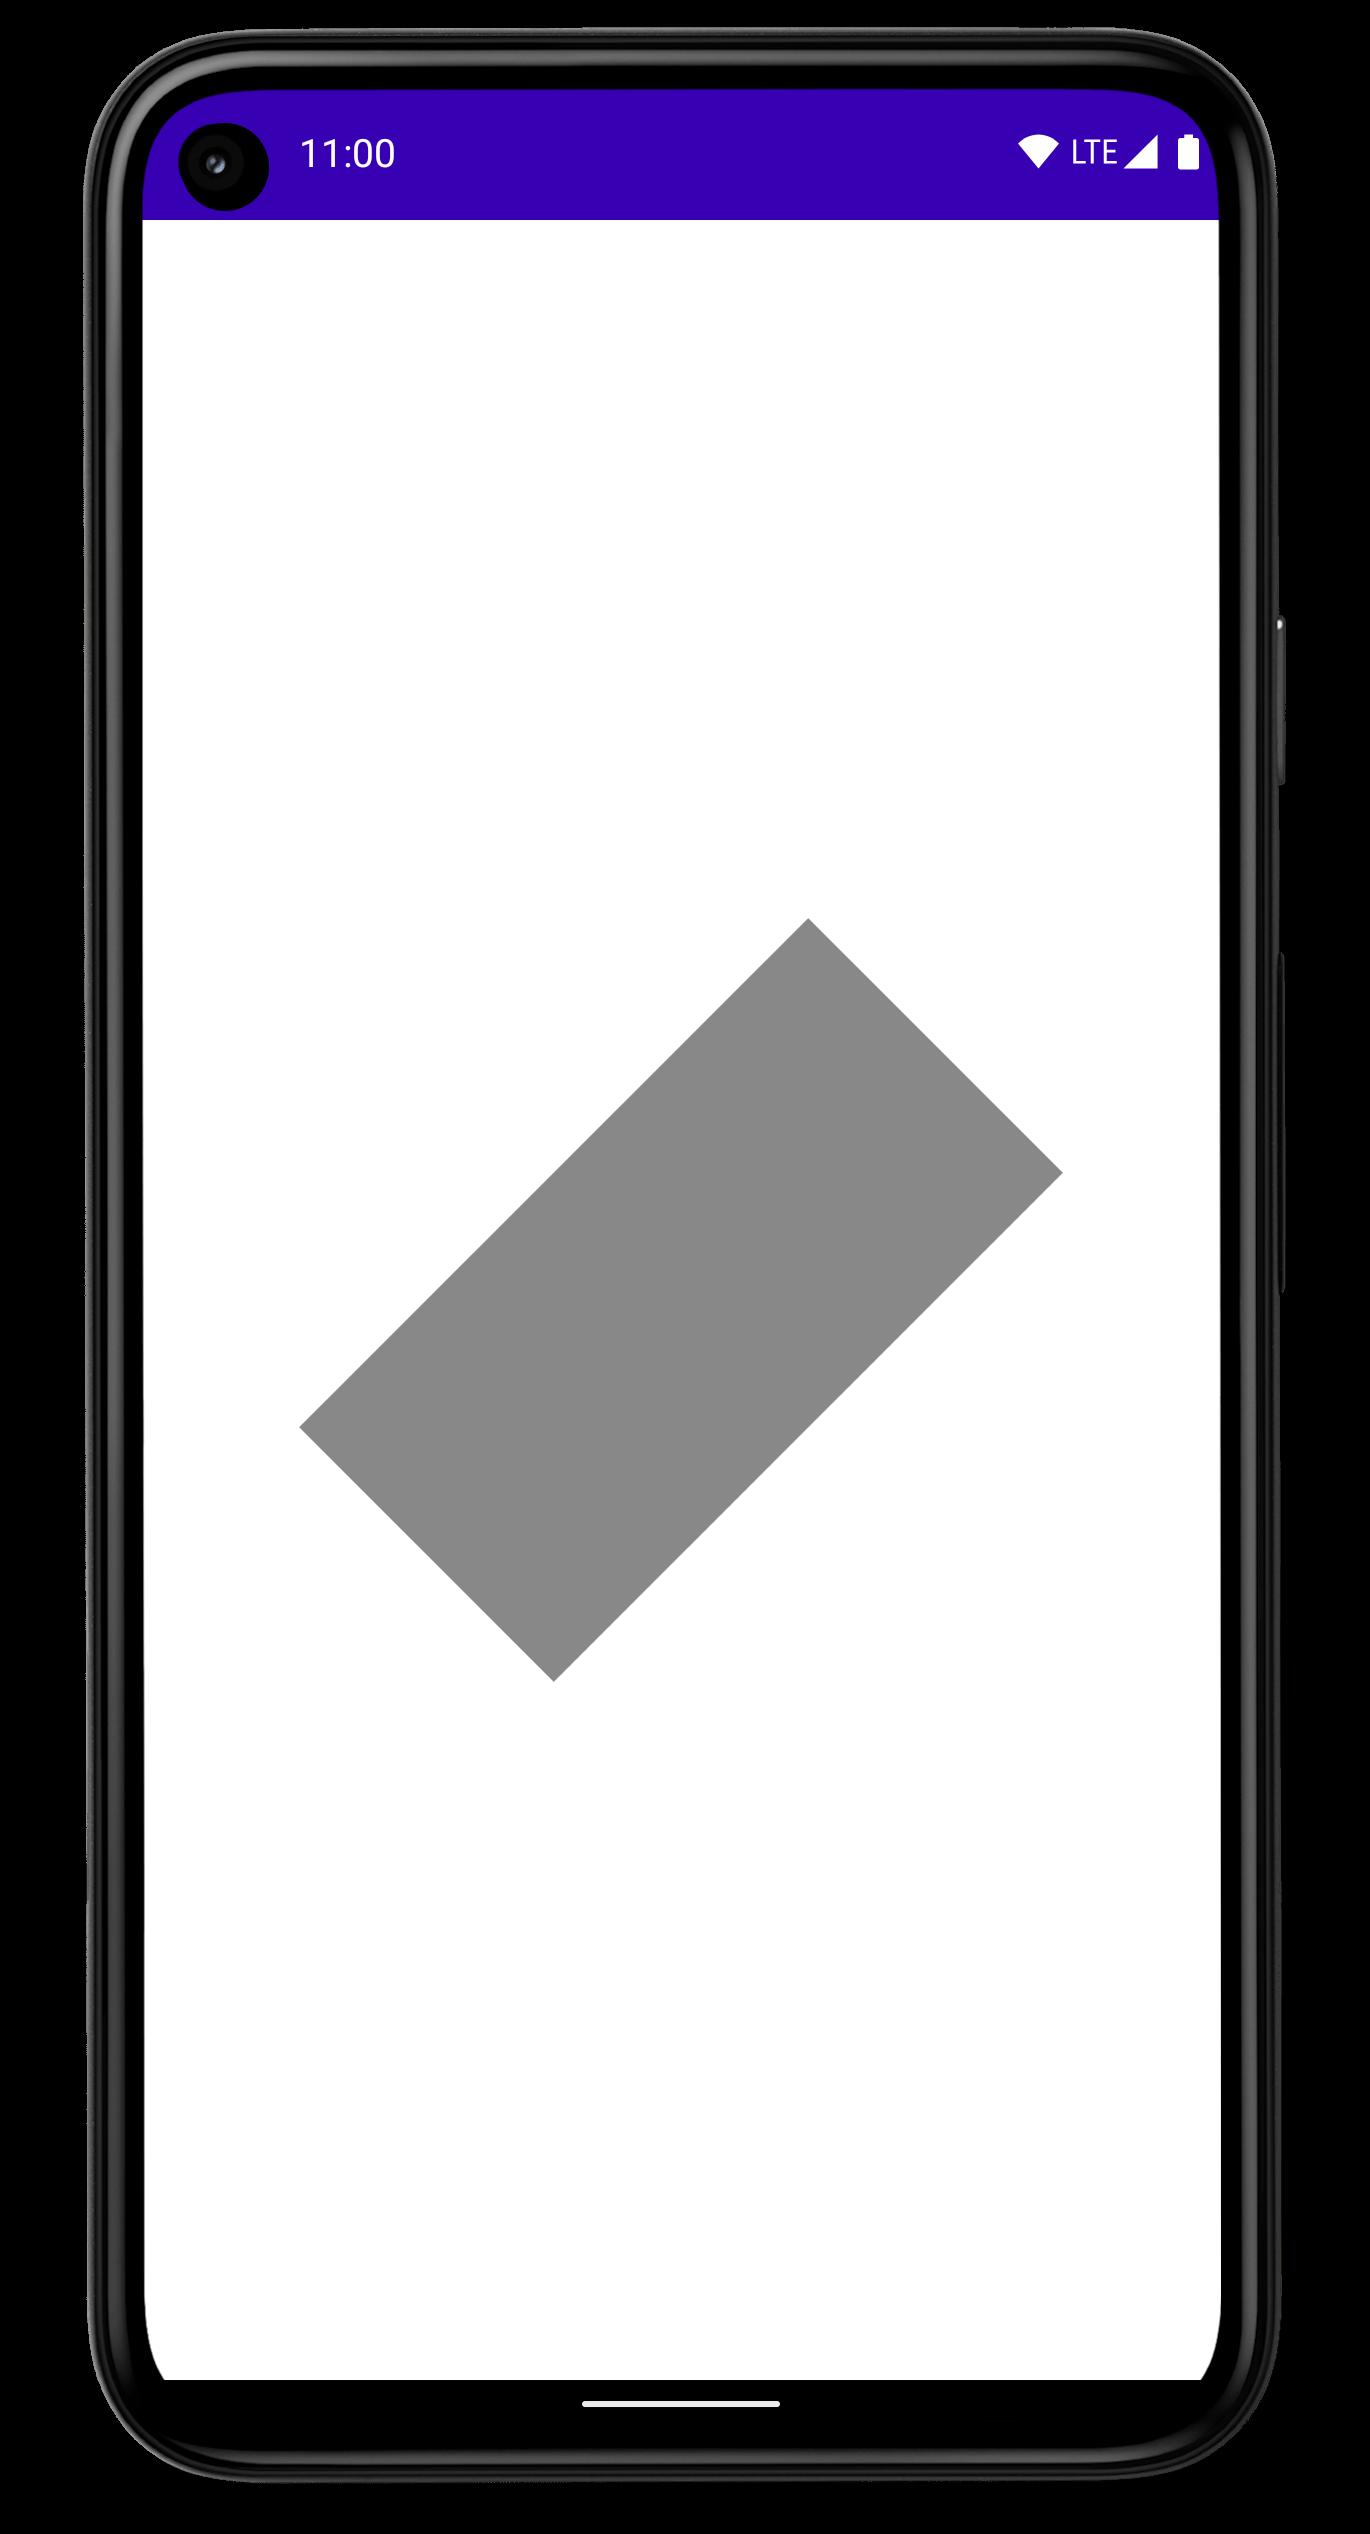 Smartphone com um retângulo girado em 45 graus no centro da tela.